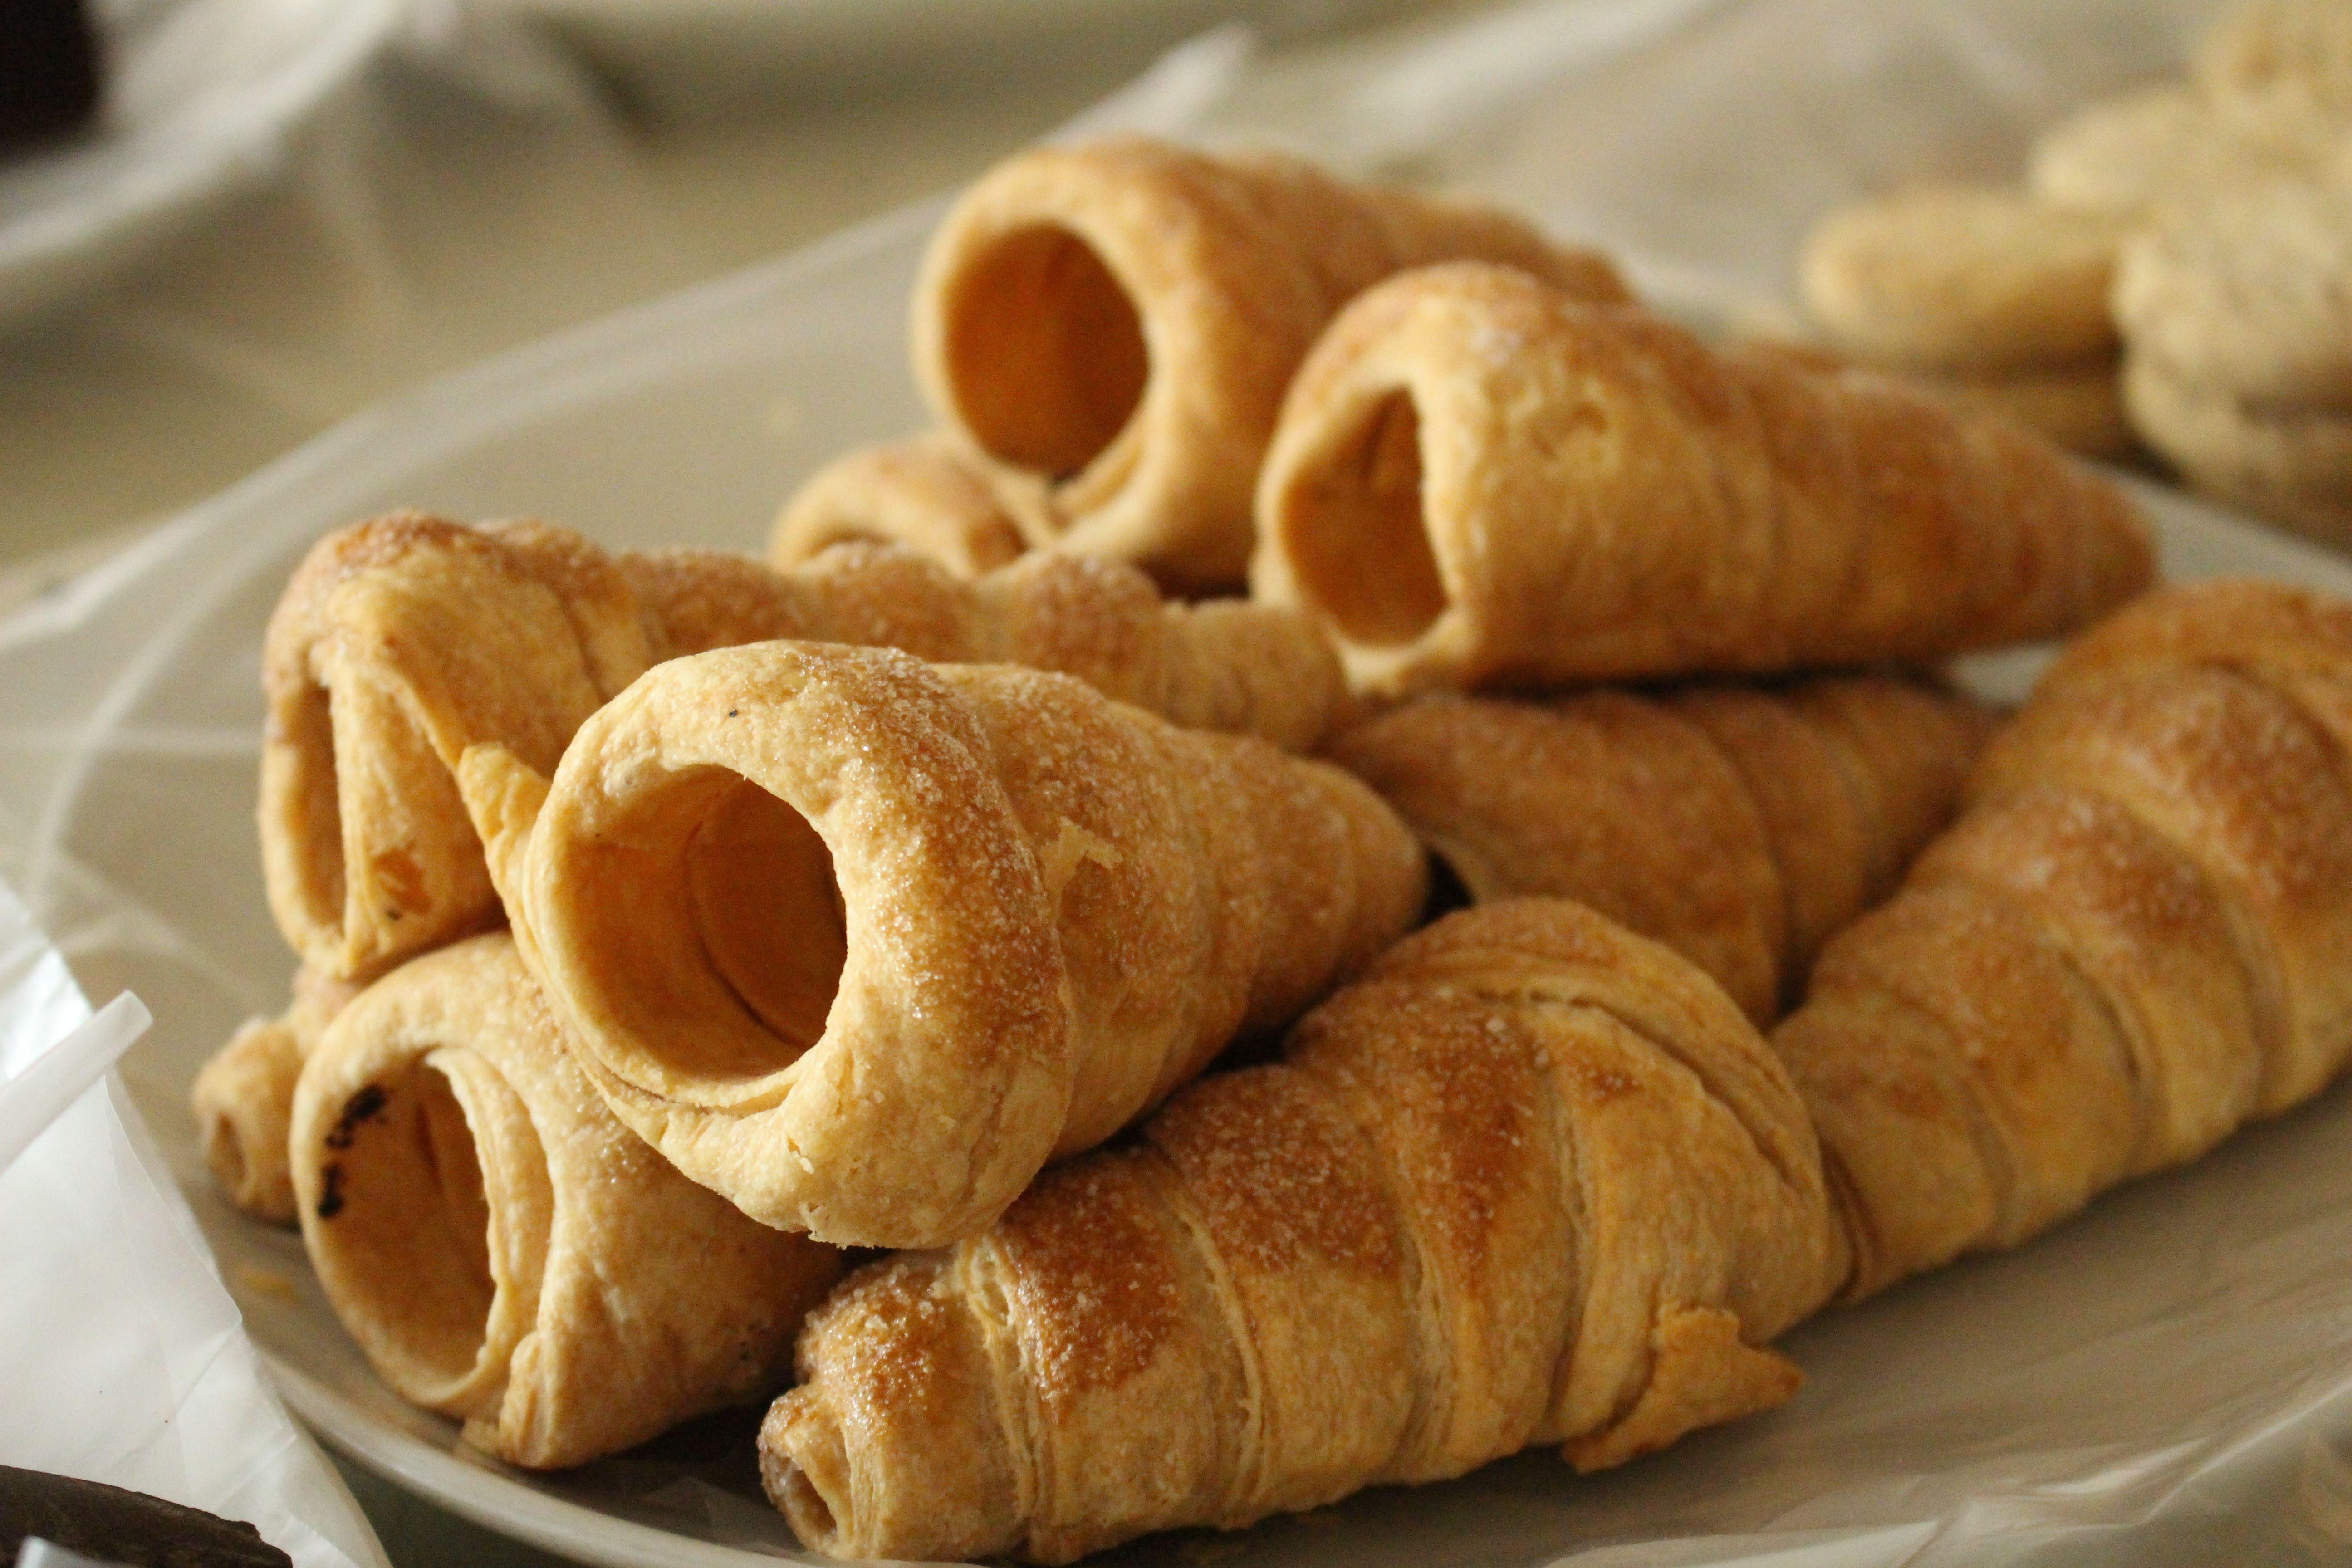 NOVITA' - Cannoli freschi da riempire con crema o marmellata a scelta!